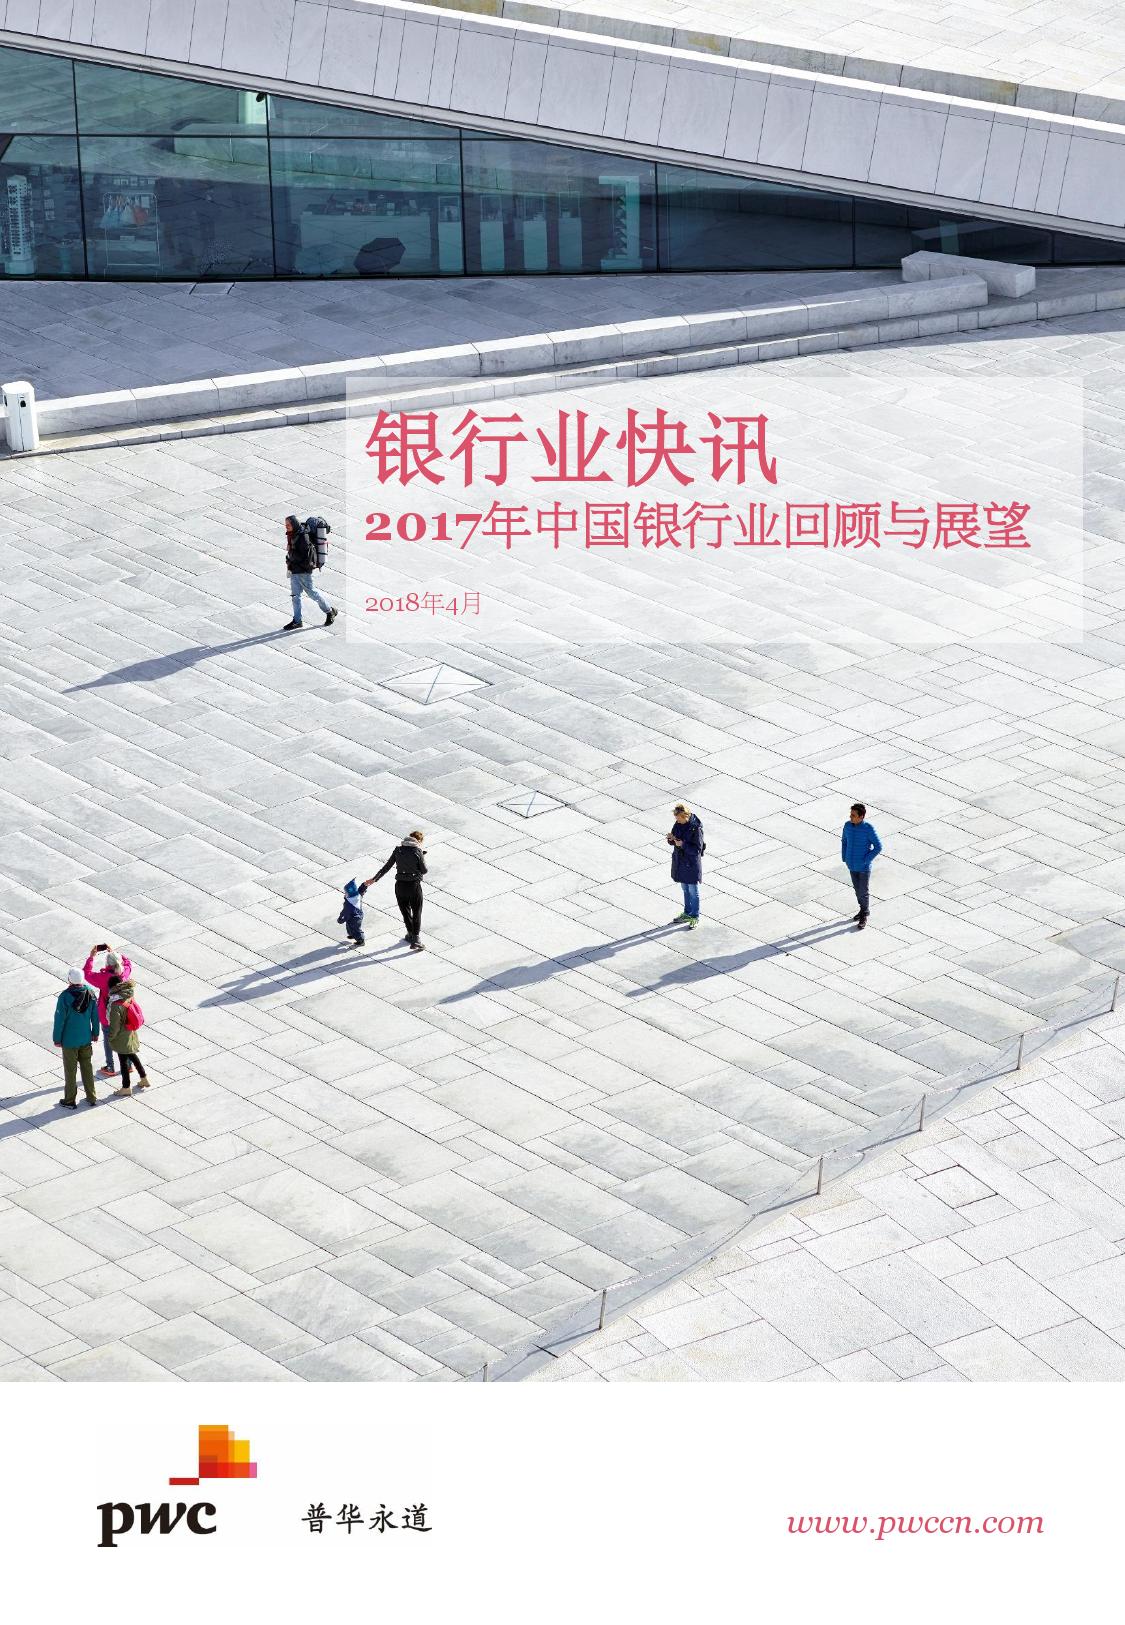 普华永道:2017年中国银行业回顾与展望(附下载)